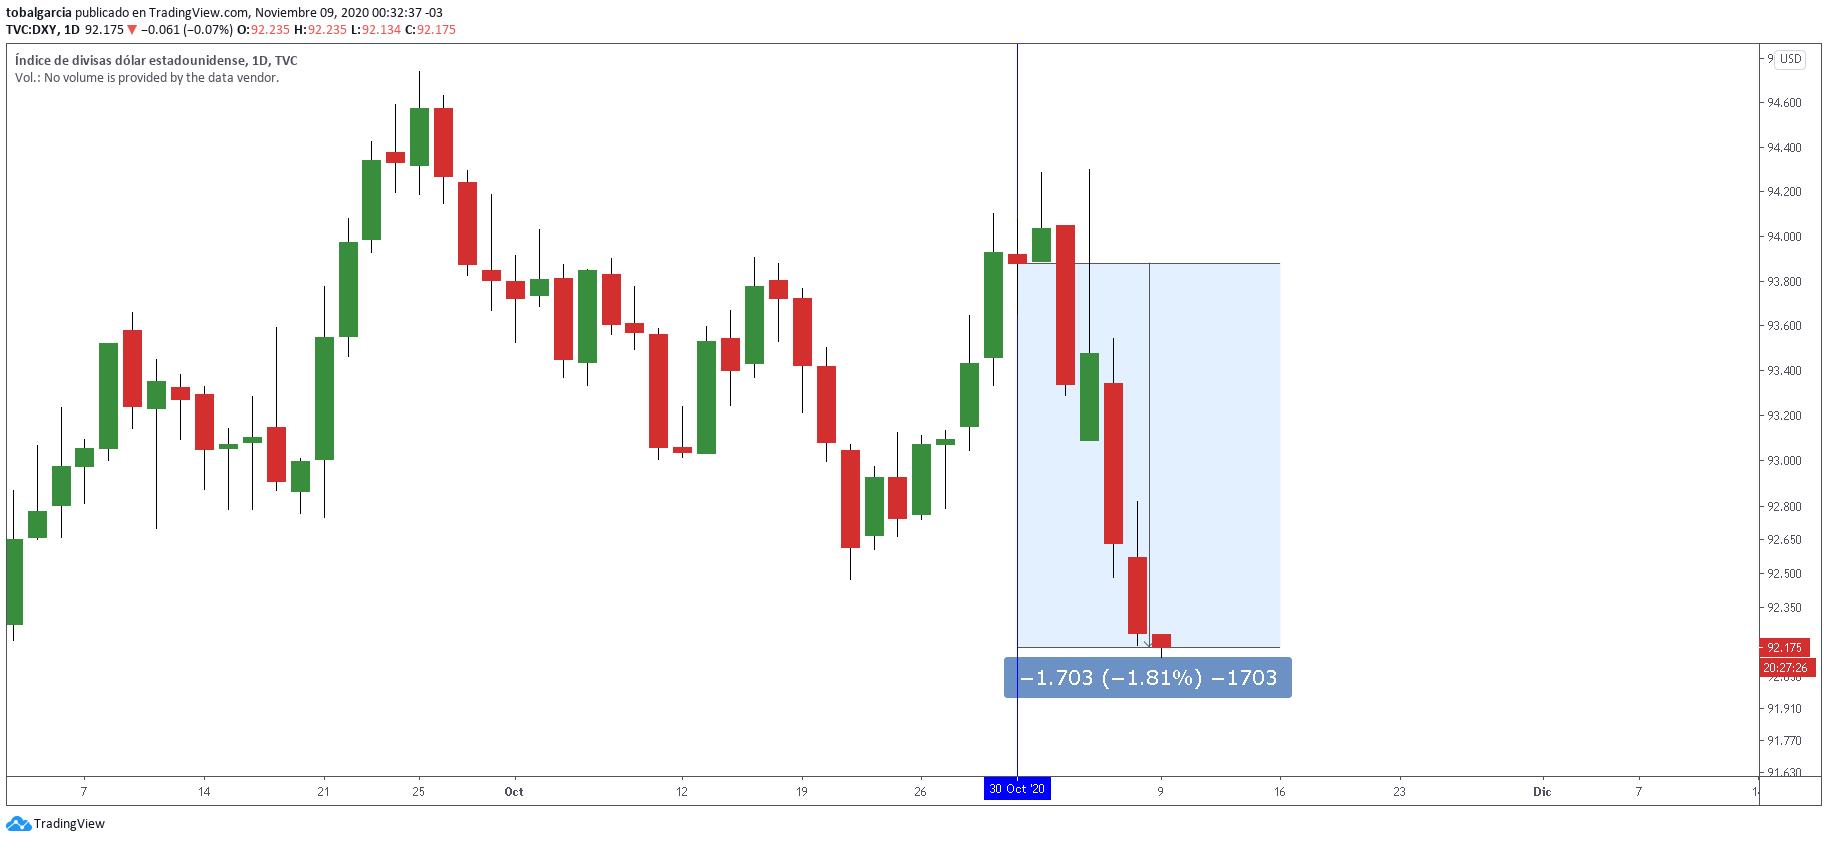 El índice de divisas estadounidense cayendo -1,8% en lo que va del mes de noviembre. Gráfico: TradingView.